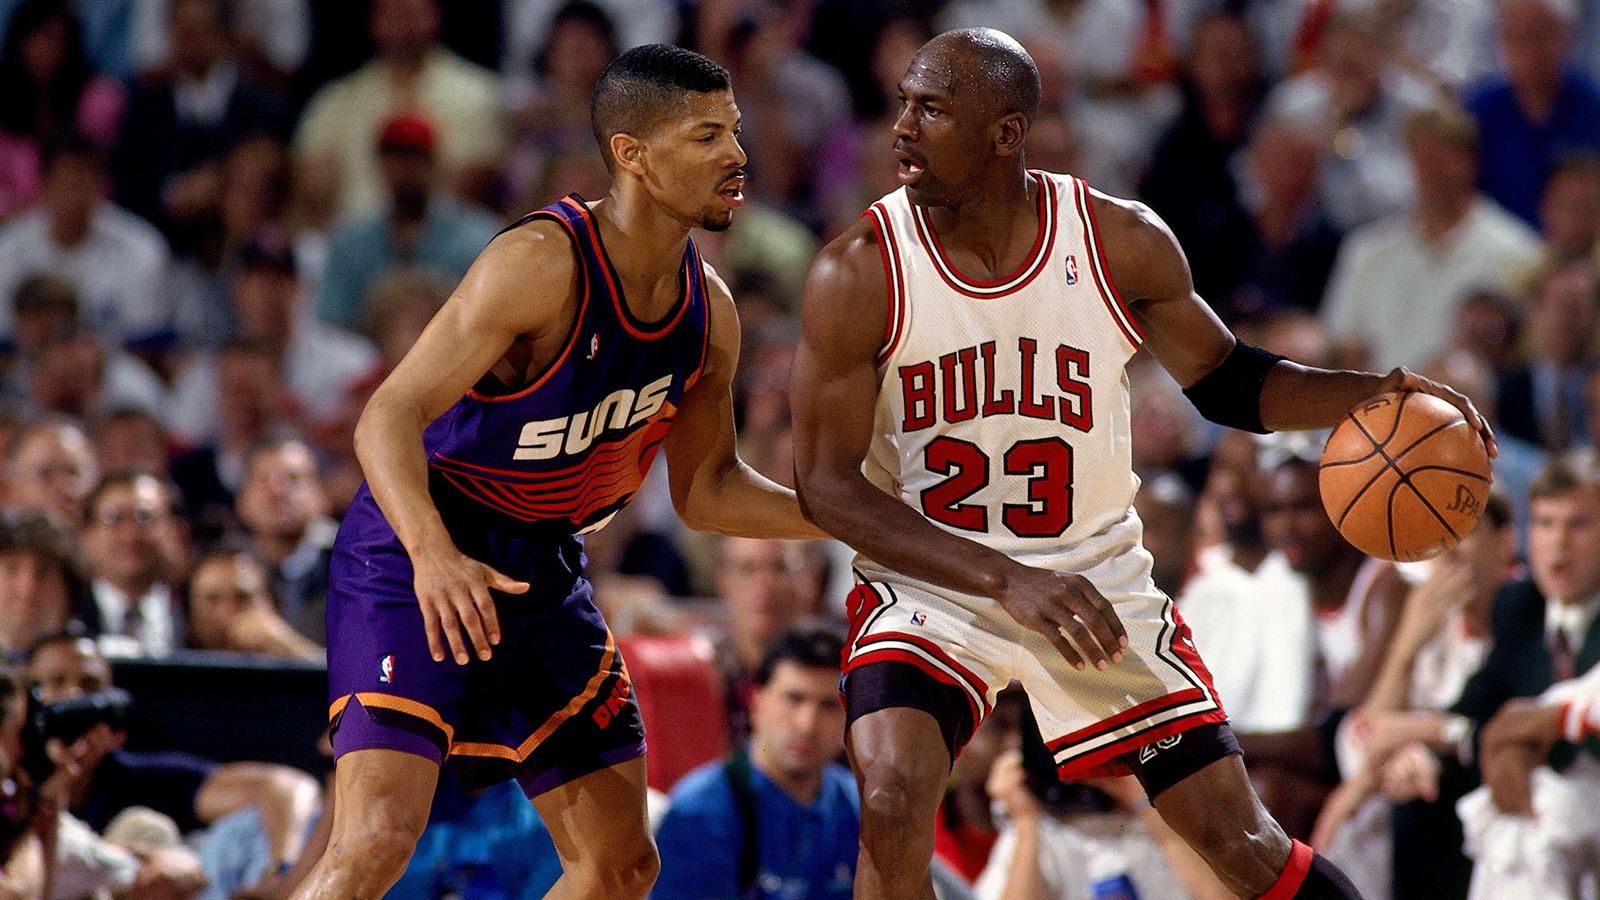 1993 NBA Finals: Bulls Vs Suns